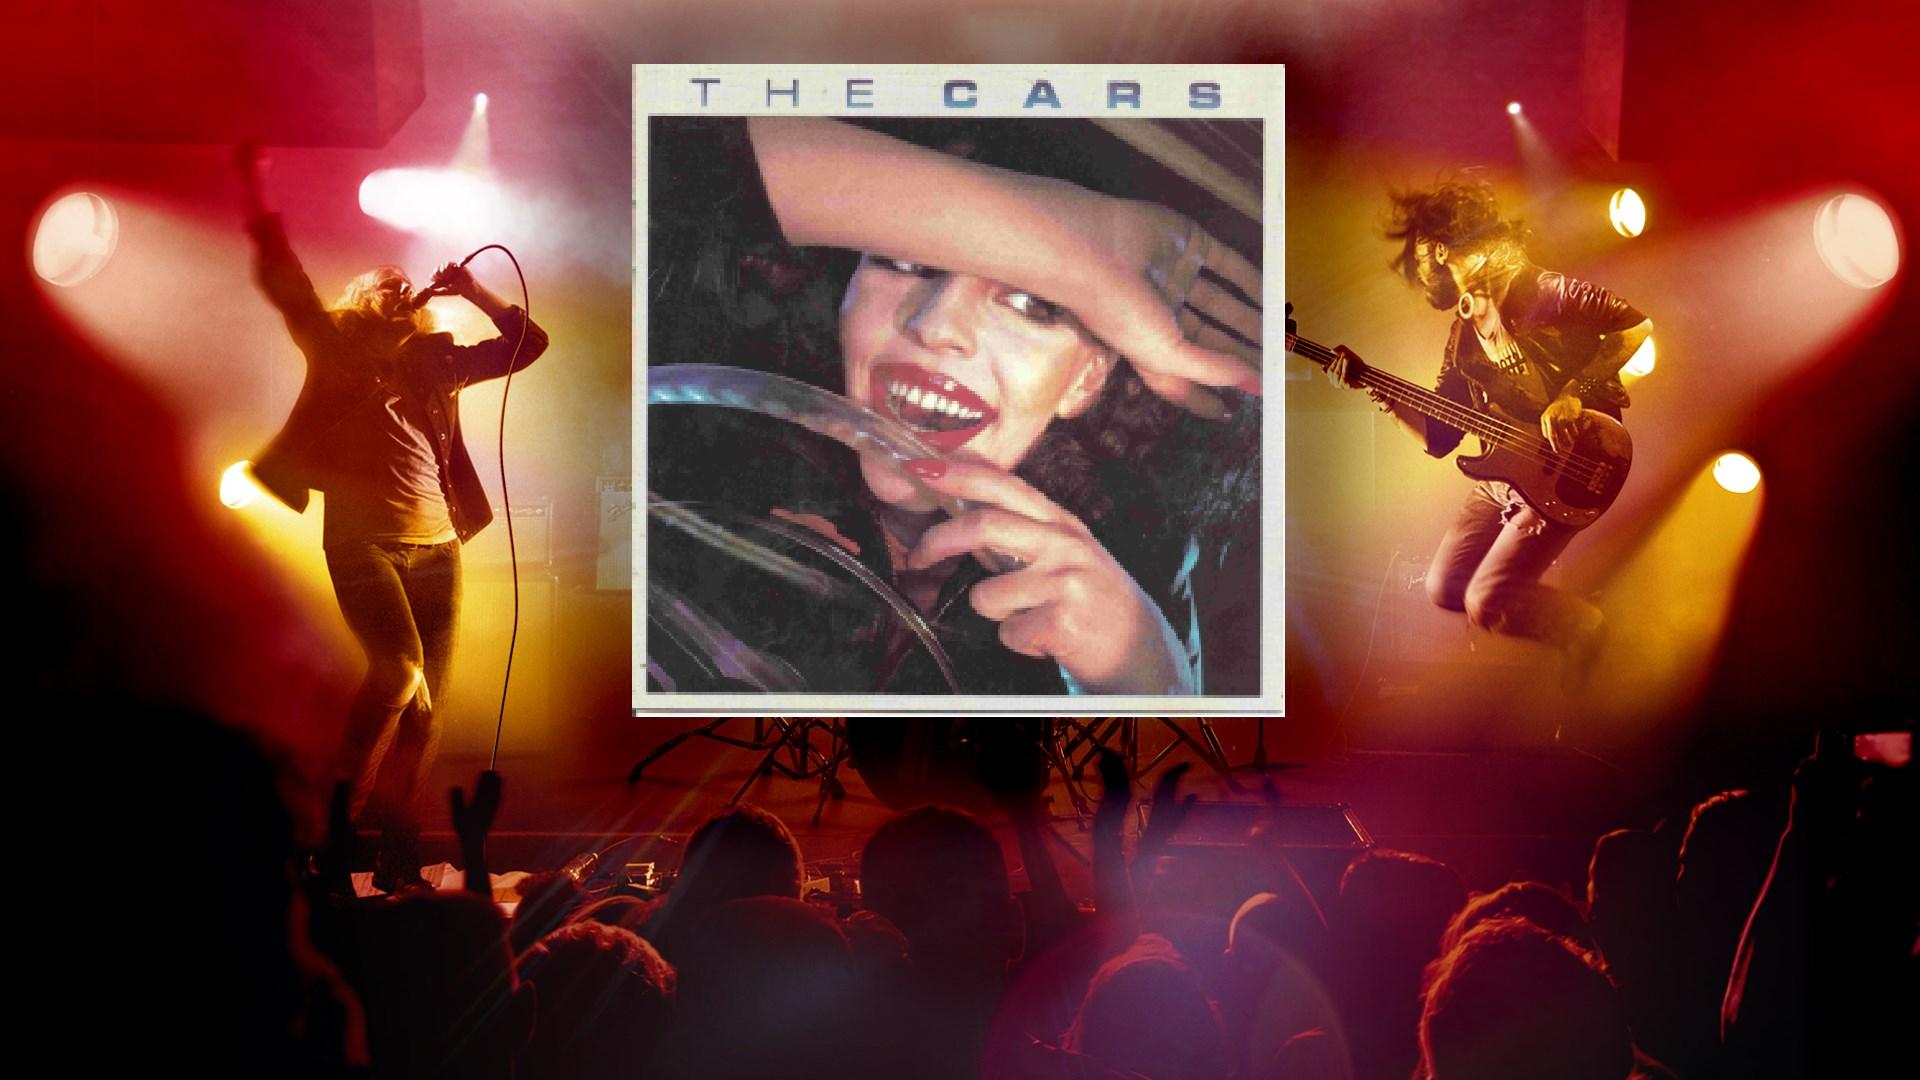 The Cars (Album)